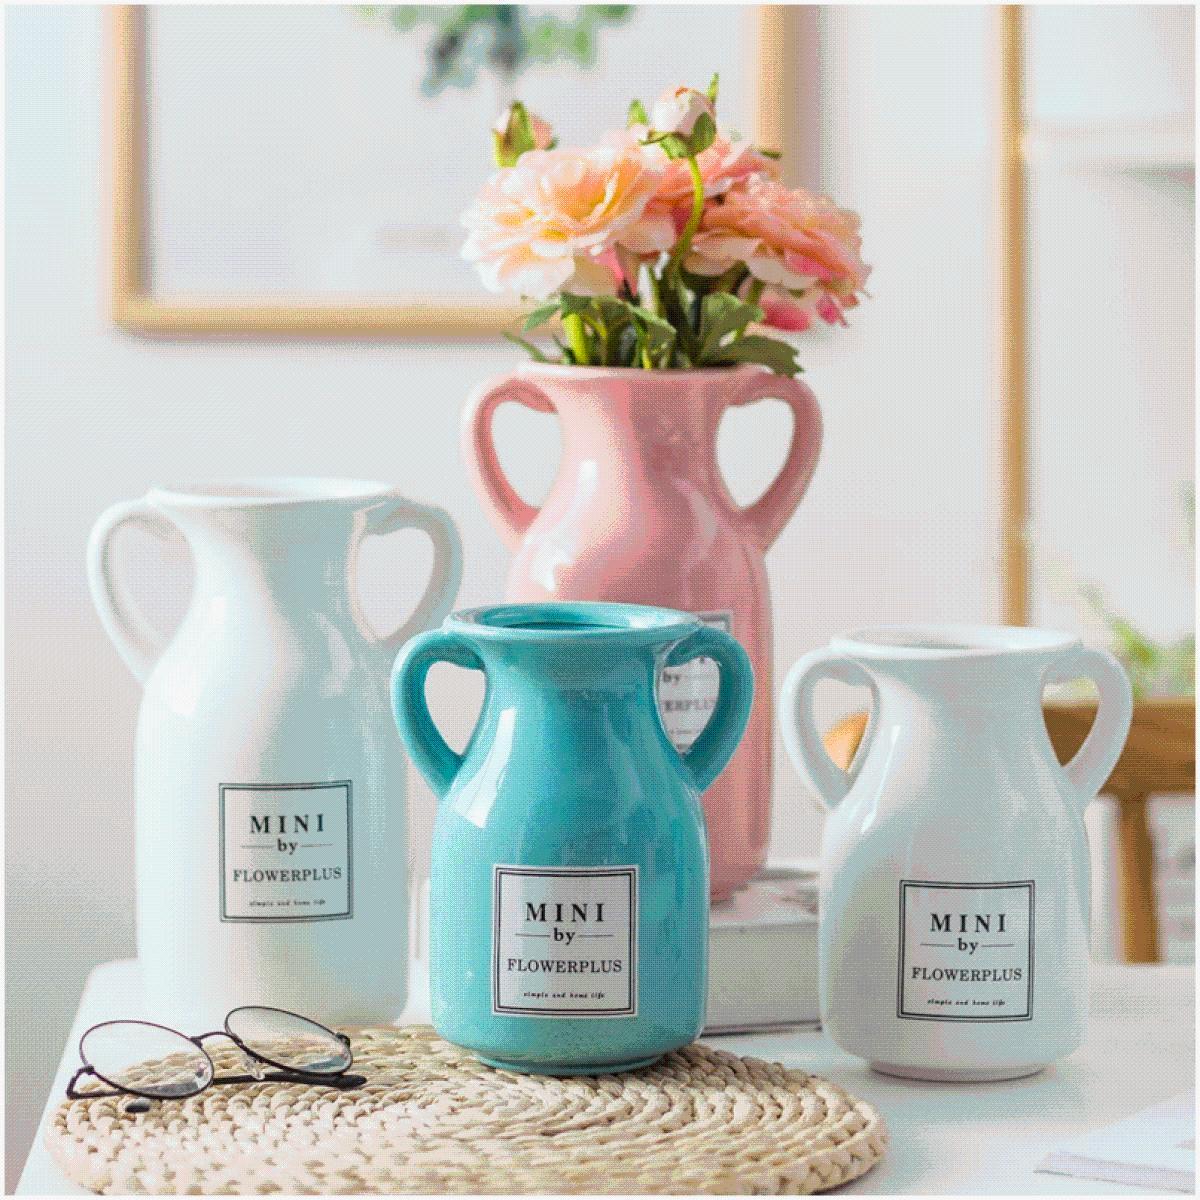 简约落地客厅创意时尚摆件家居装饰品陶瓷花器花瓶双花壶